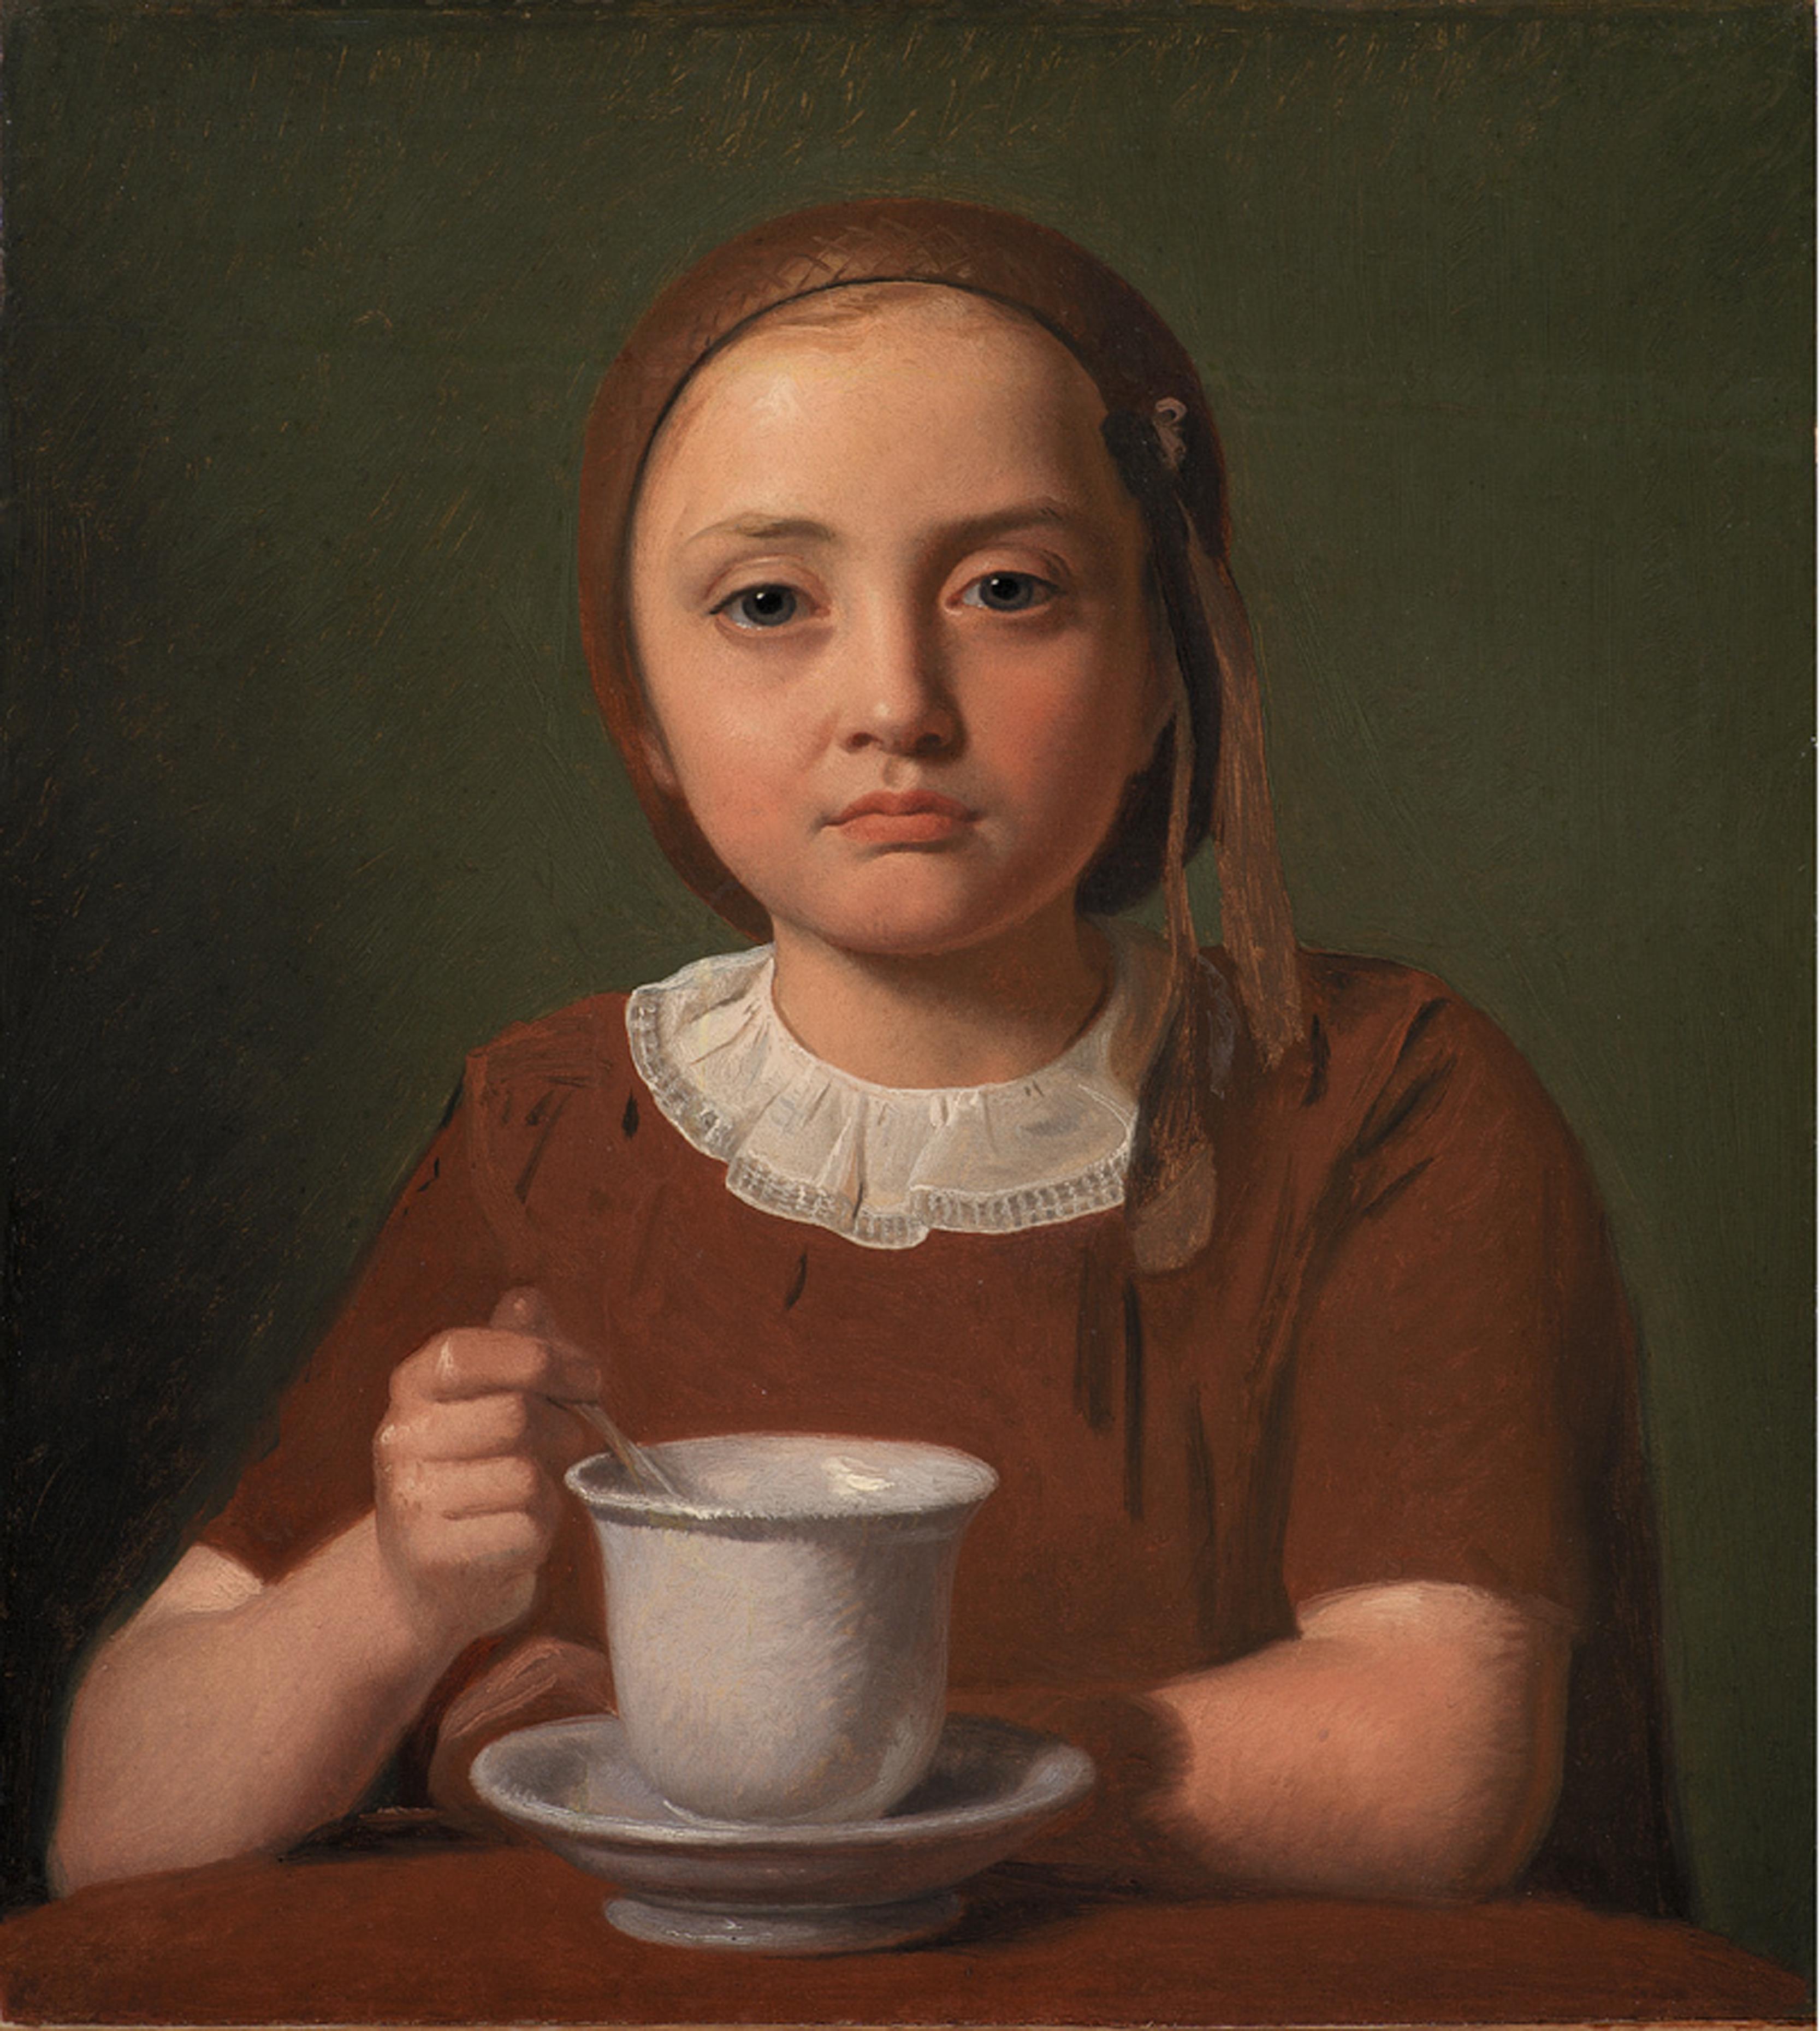 """Constantin Hansen, """"En lille pige, Elise Købke, med en kop foran sig"""", 1850. Olja på papper uppklistrat på duk. SMK, Statens Museum for Kunst."""